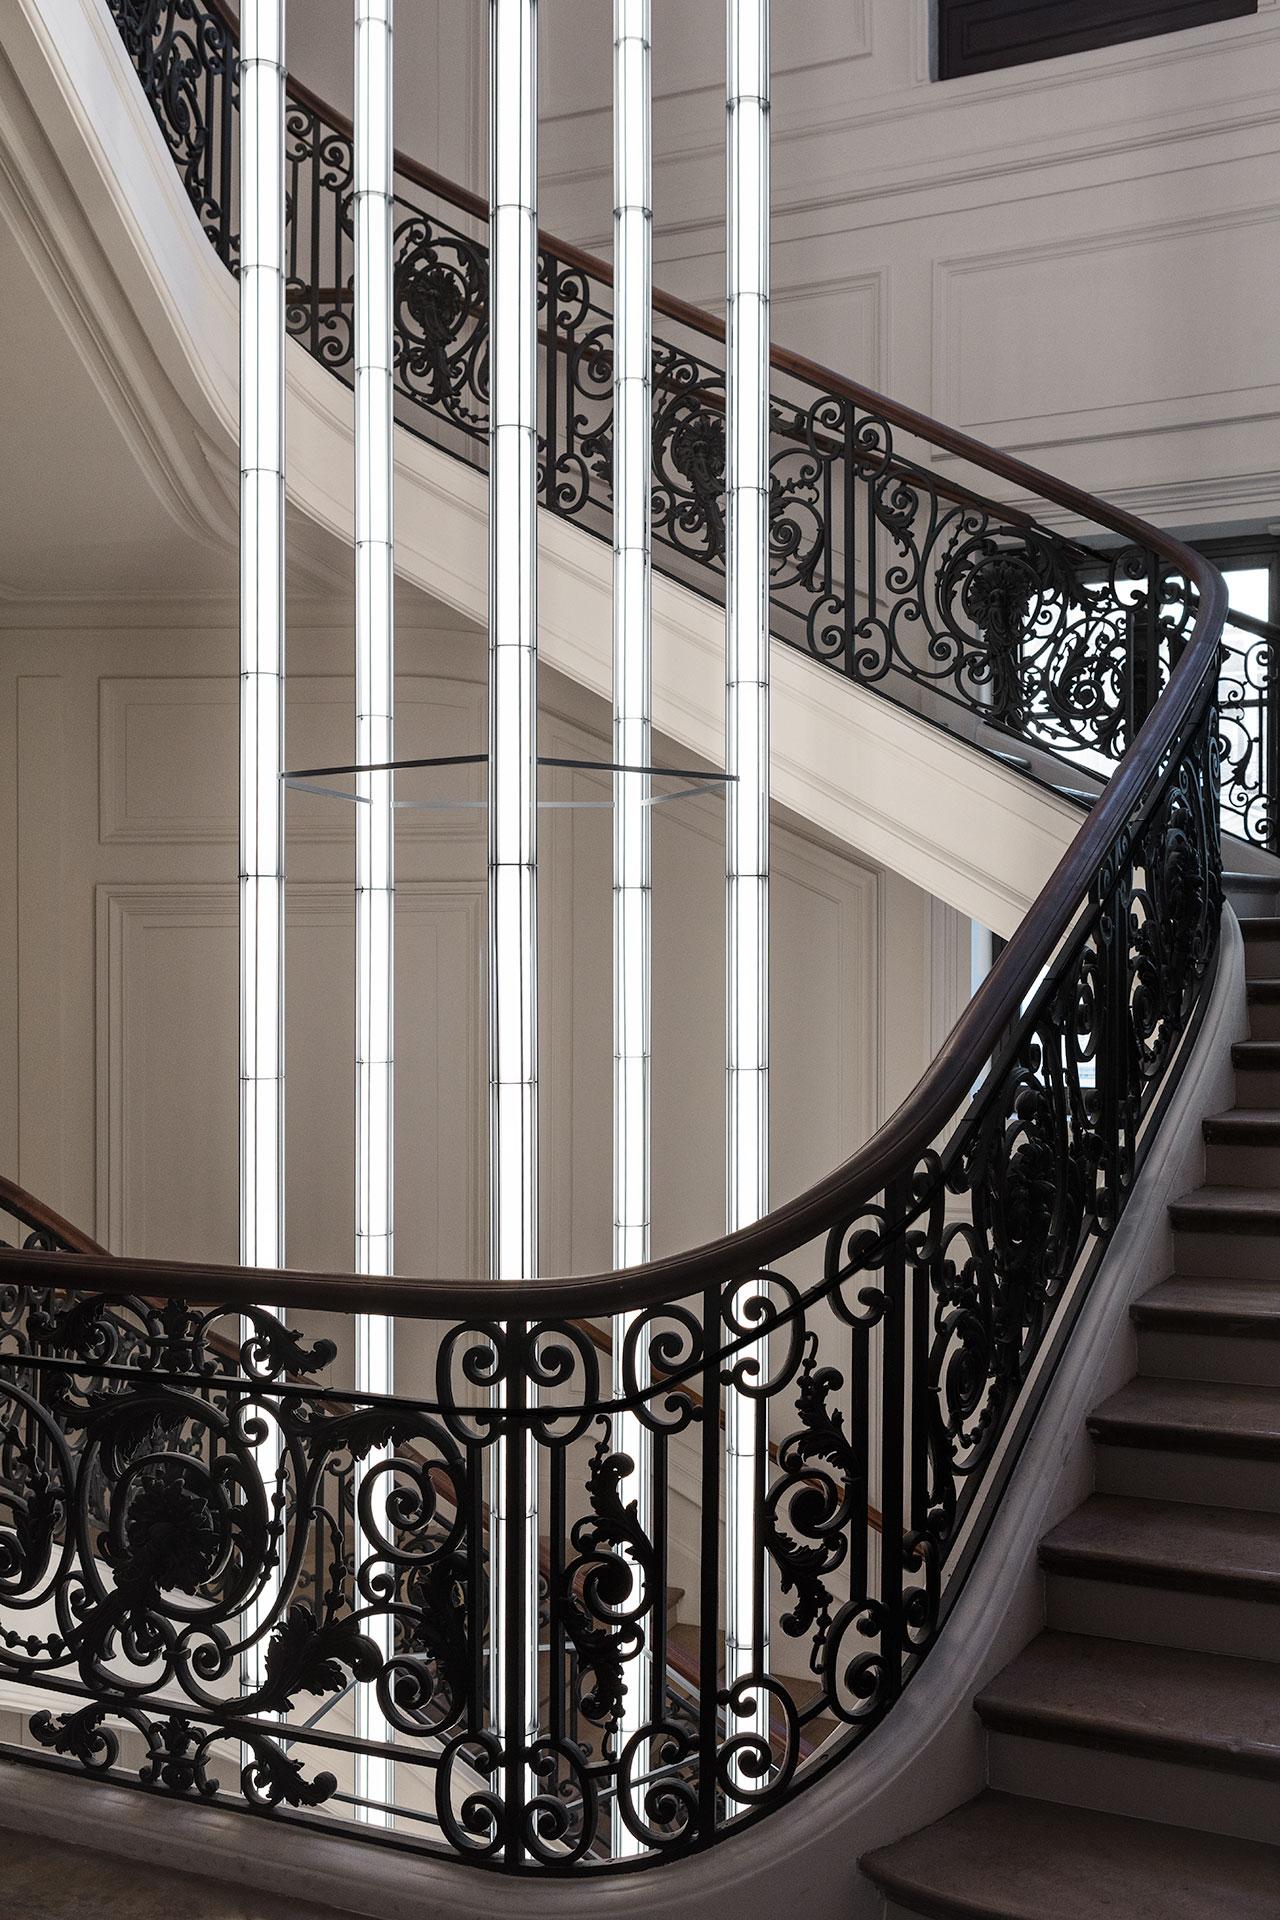 Ronan et Erwan Bouroullec, chandelier, 2020. © Studio Bouroullec © Tadao Ando Architect & Associates, NeM / Niney et MarcaCourtesy Bourse de Commerce - Pinault Collection